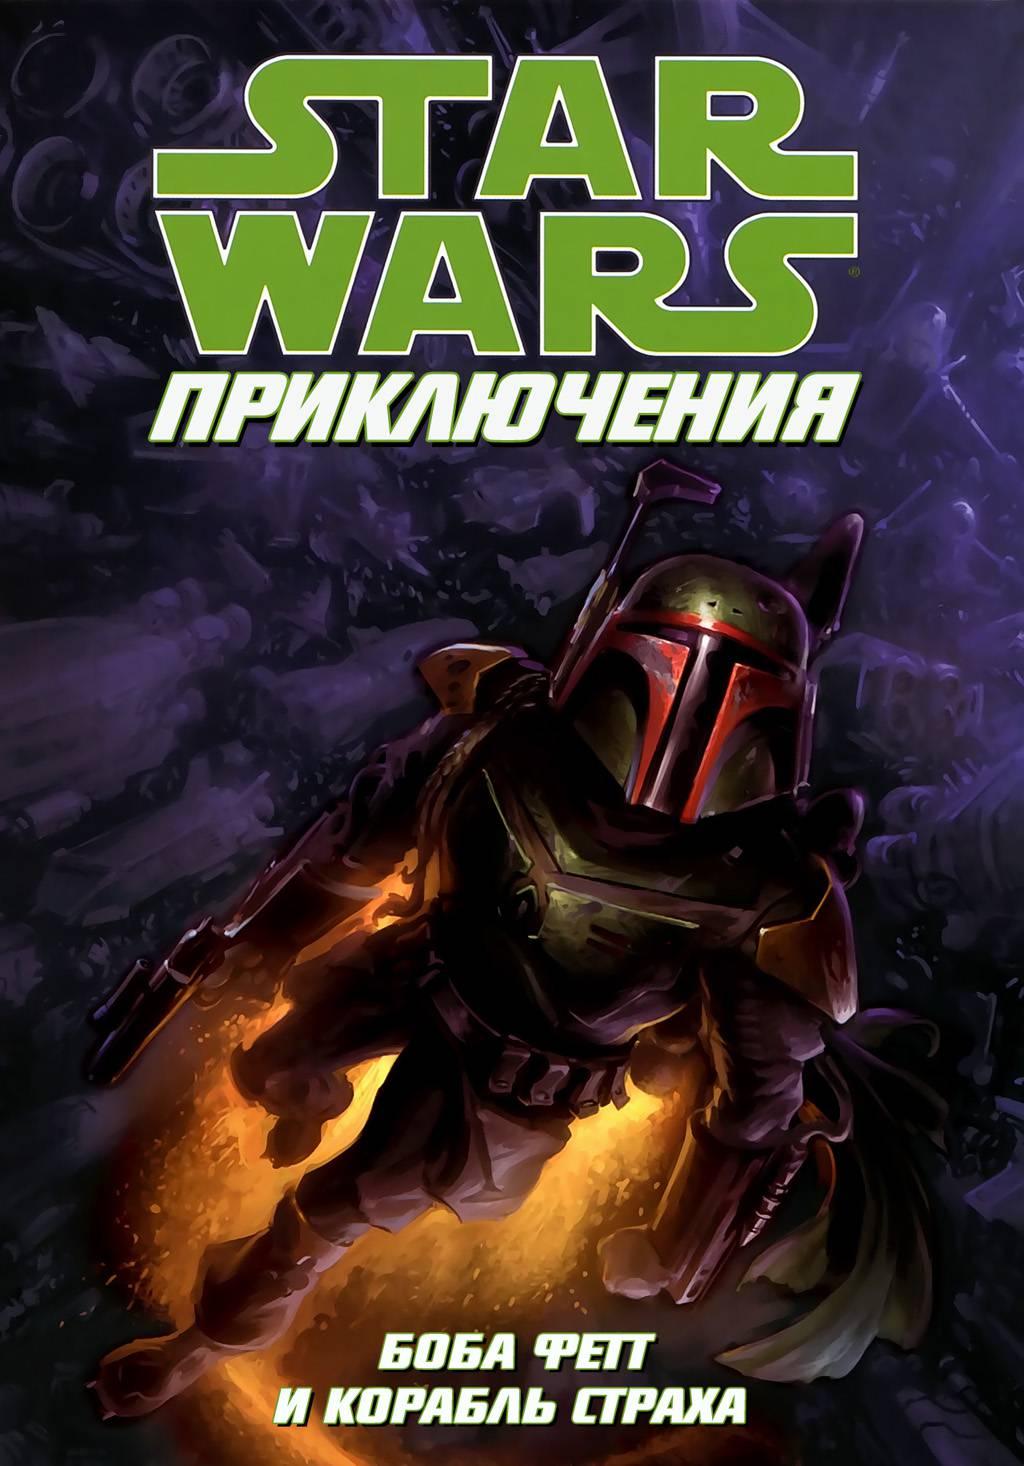 Звездные Войны Приключения: Боба Фетт и Корабль Страха онлайн